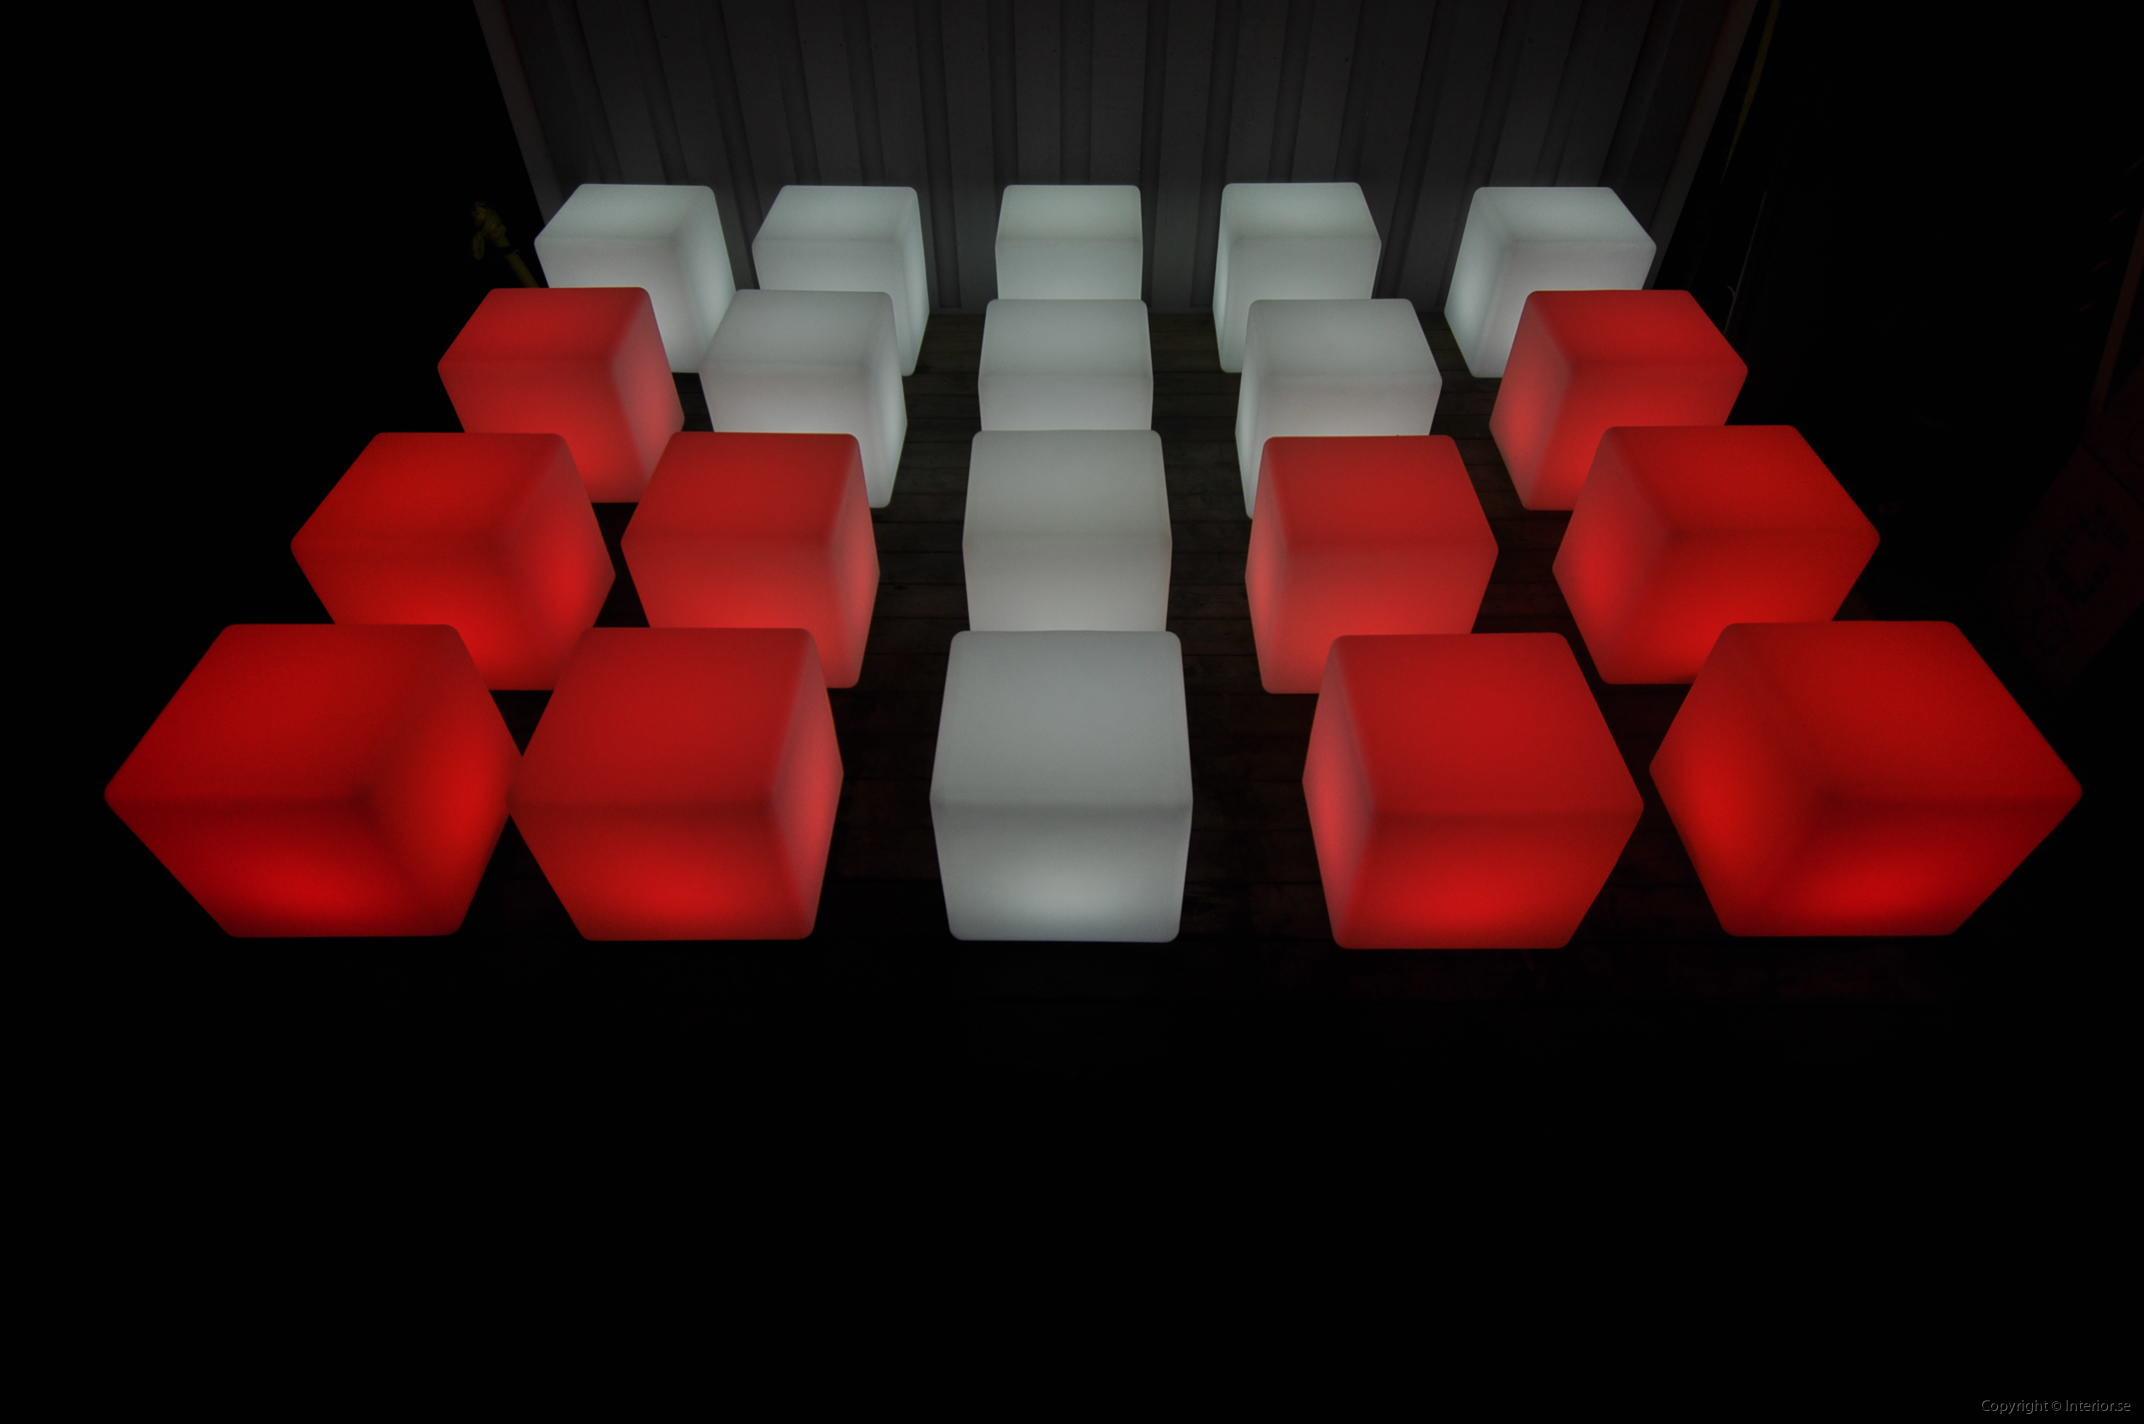 Hyra led möbler ledmöbler stockholm event möbler hyr möbler stockholm event led furniture hire stockholm (15)